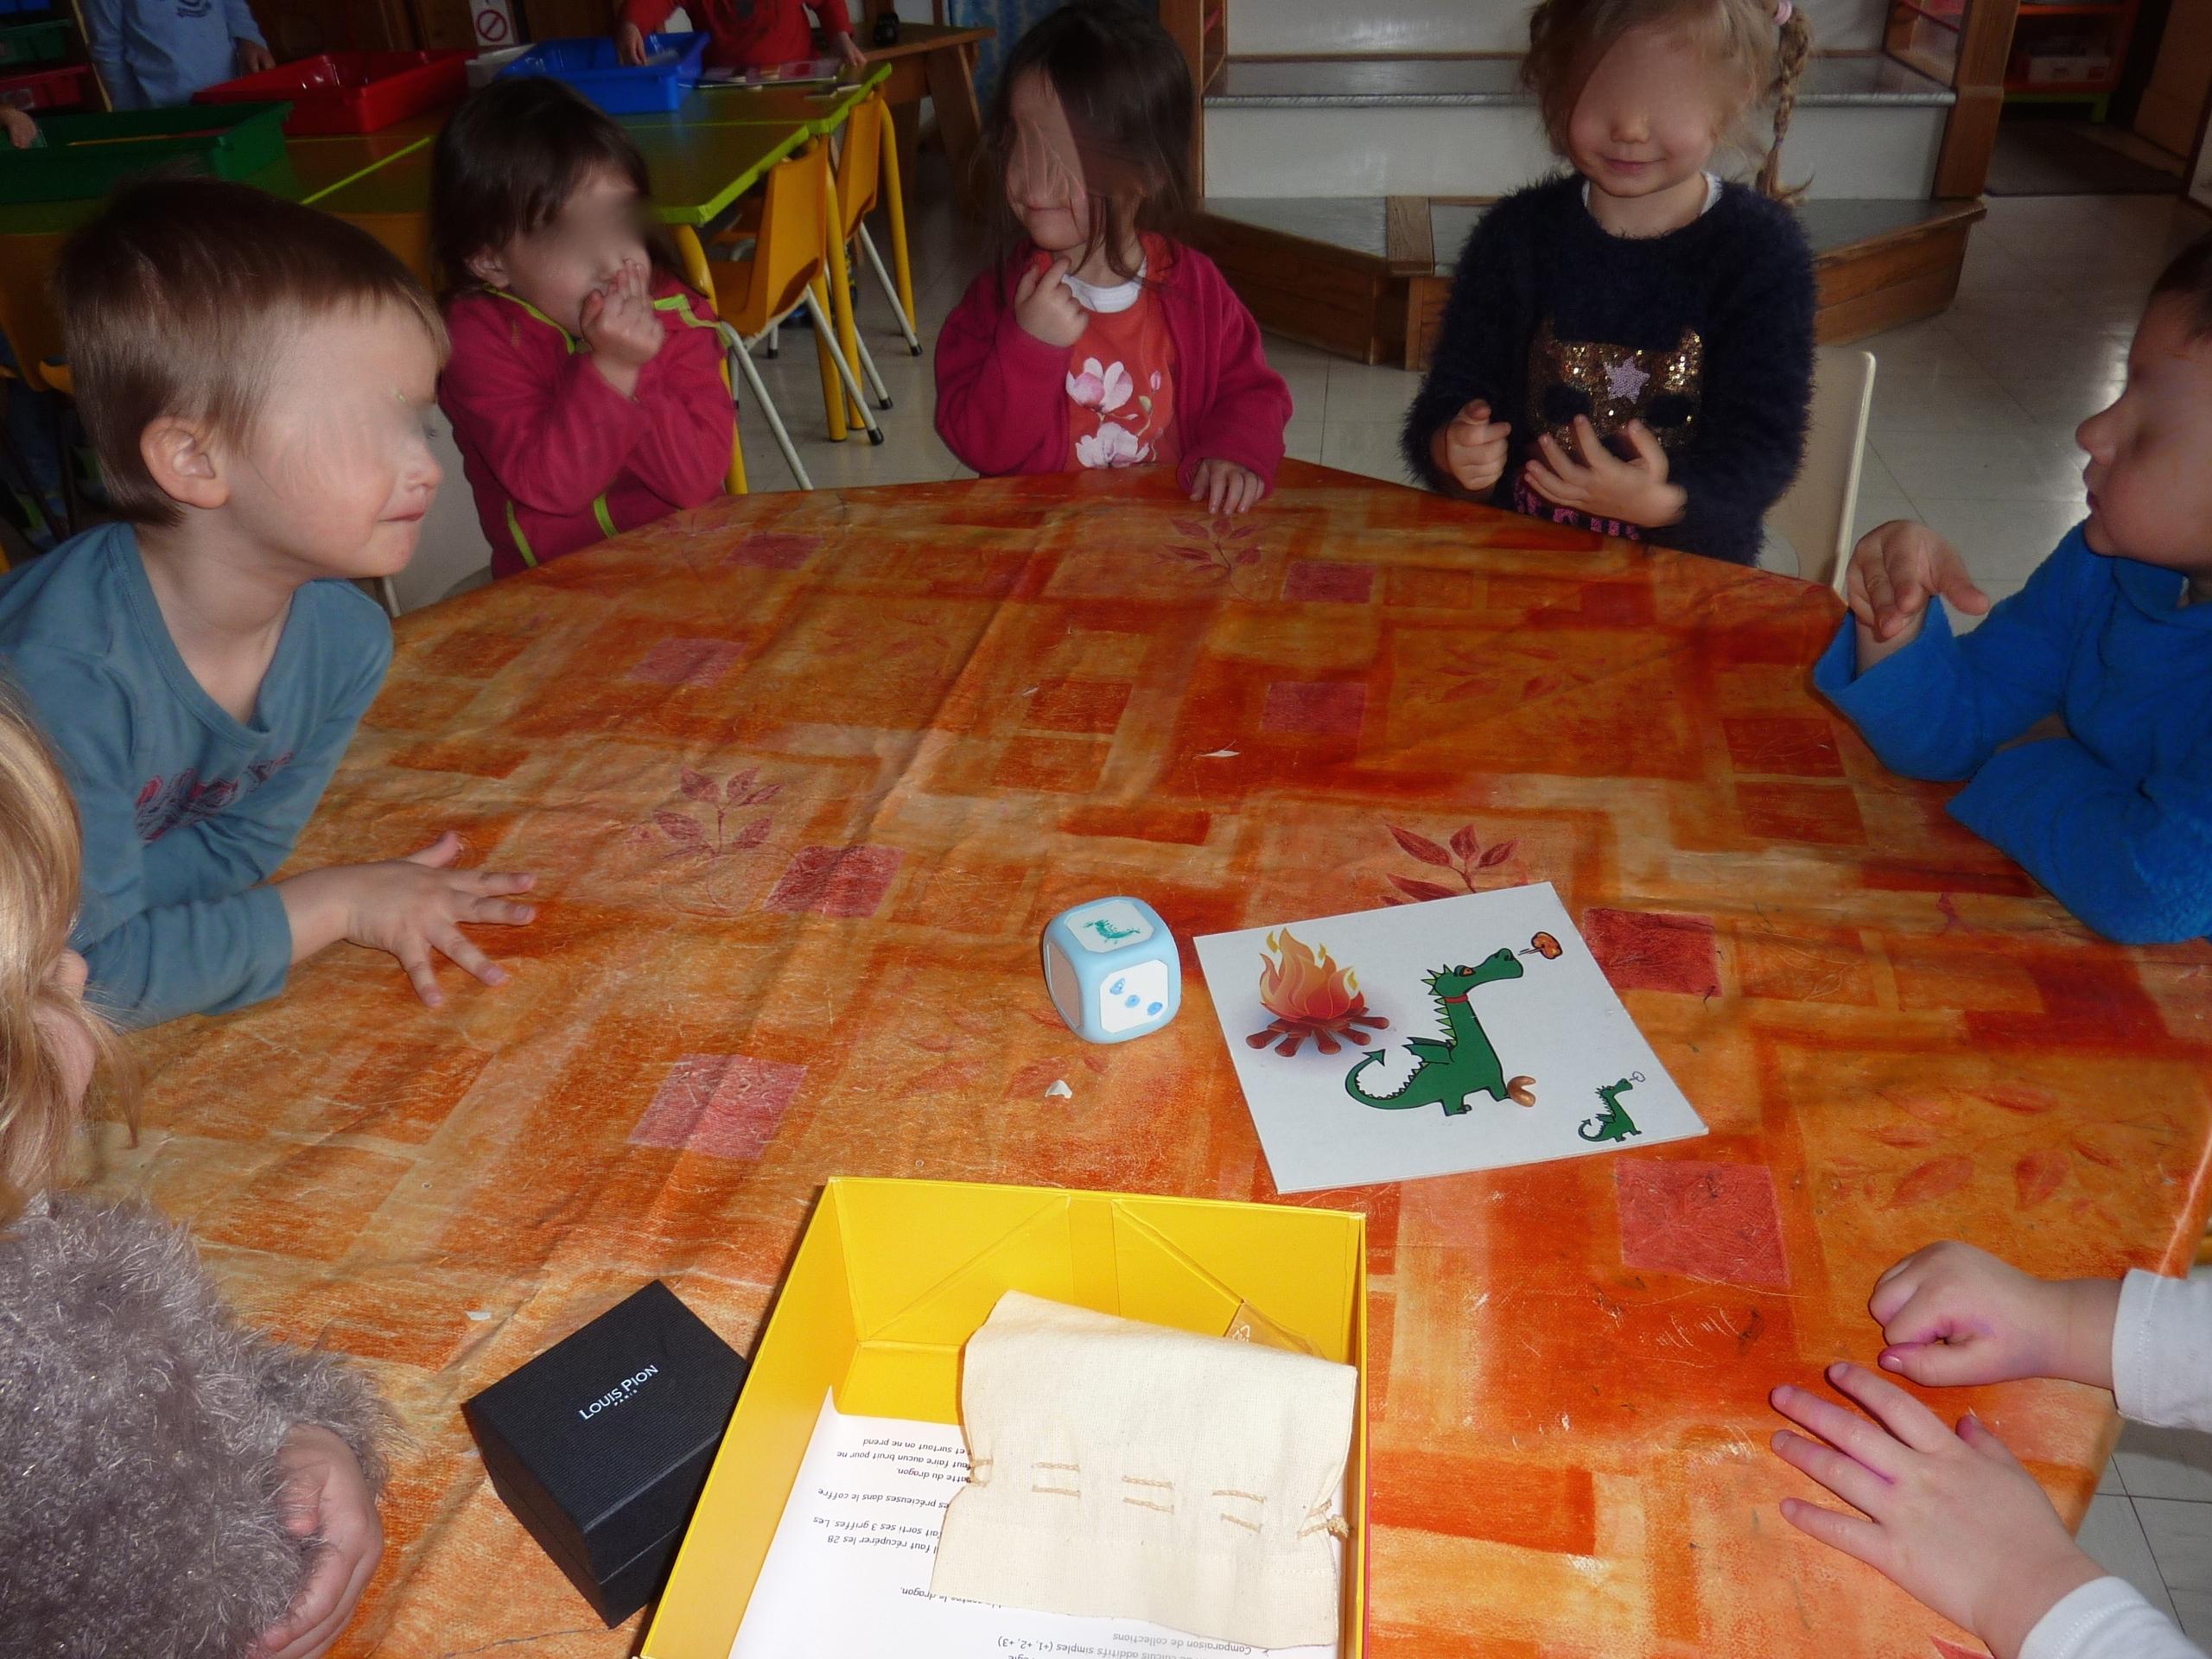 Un Jeu Coopératif En Petite Section : Le Jeu Du Dragon encequiconcerne Jeux Pour Petite Section